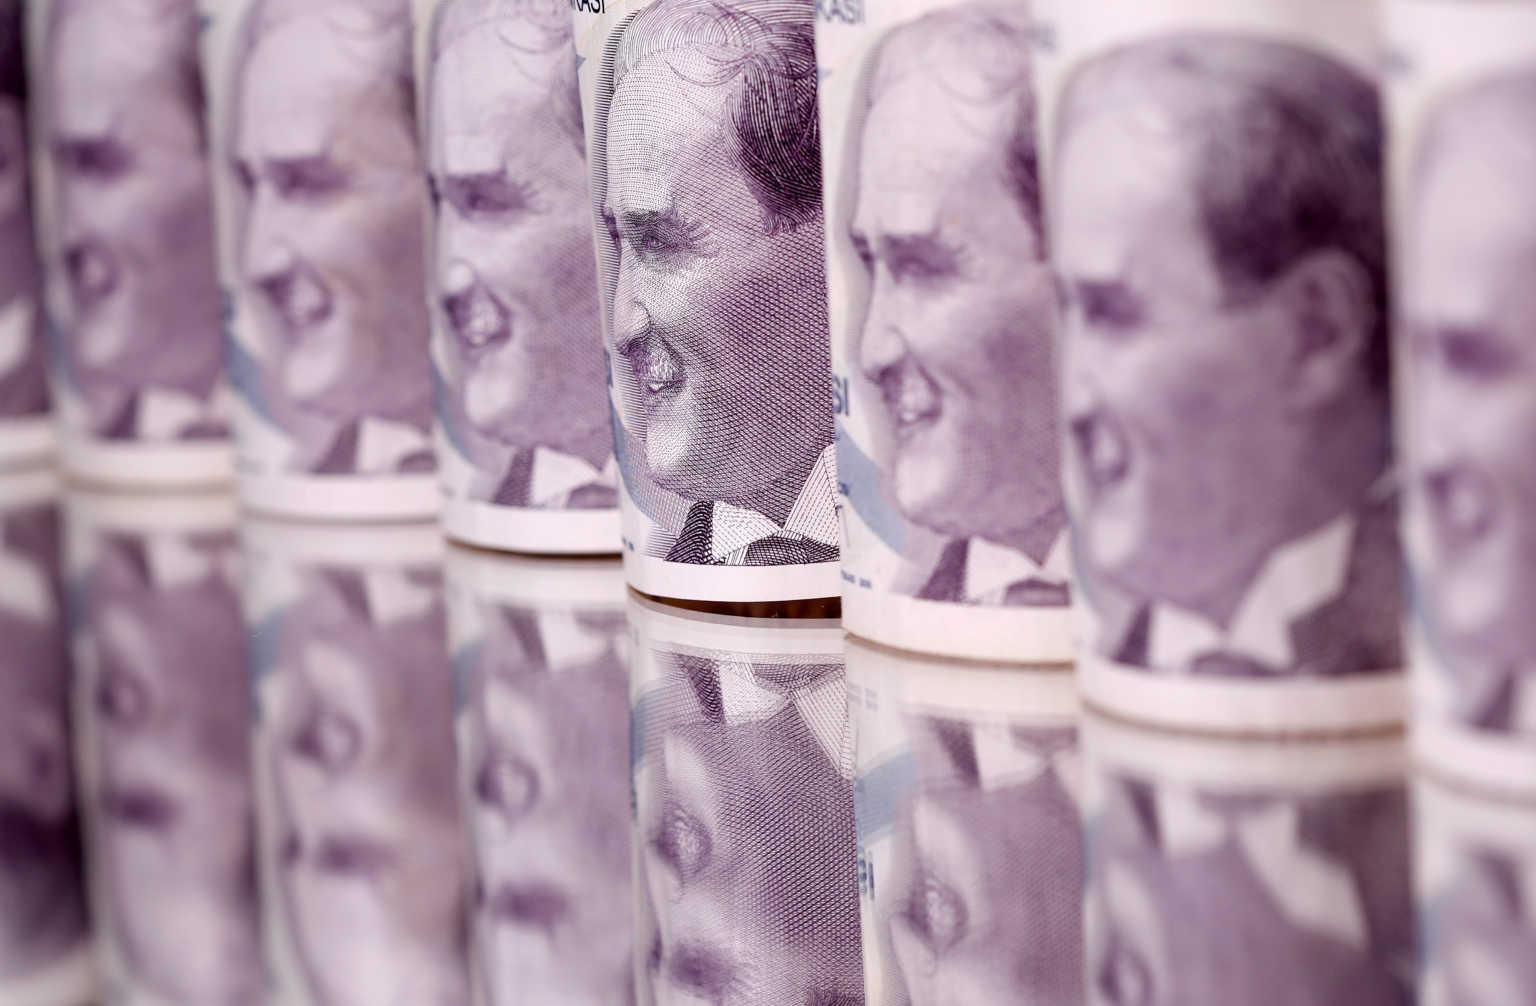 Η τουρκική λίρα «στενάζει» στα χέρια του «οικονομολόγου» Ερντογάν – Νέα βουτιά σε επίπεδα ρεκόρ